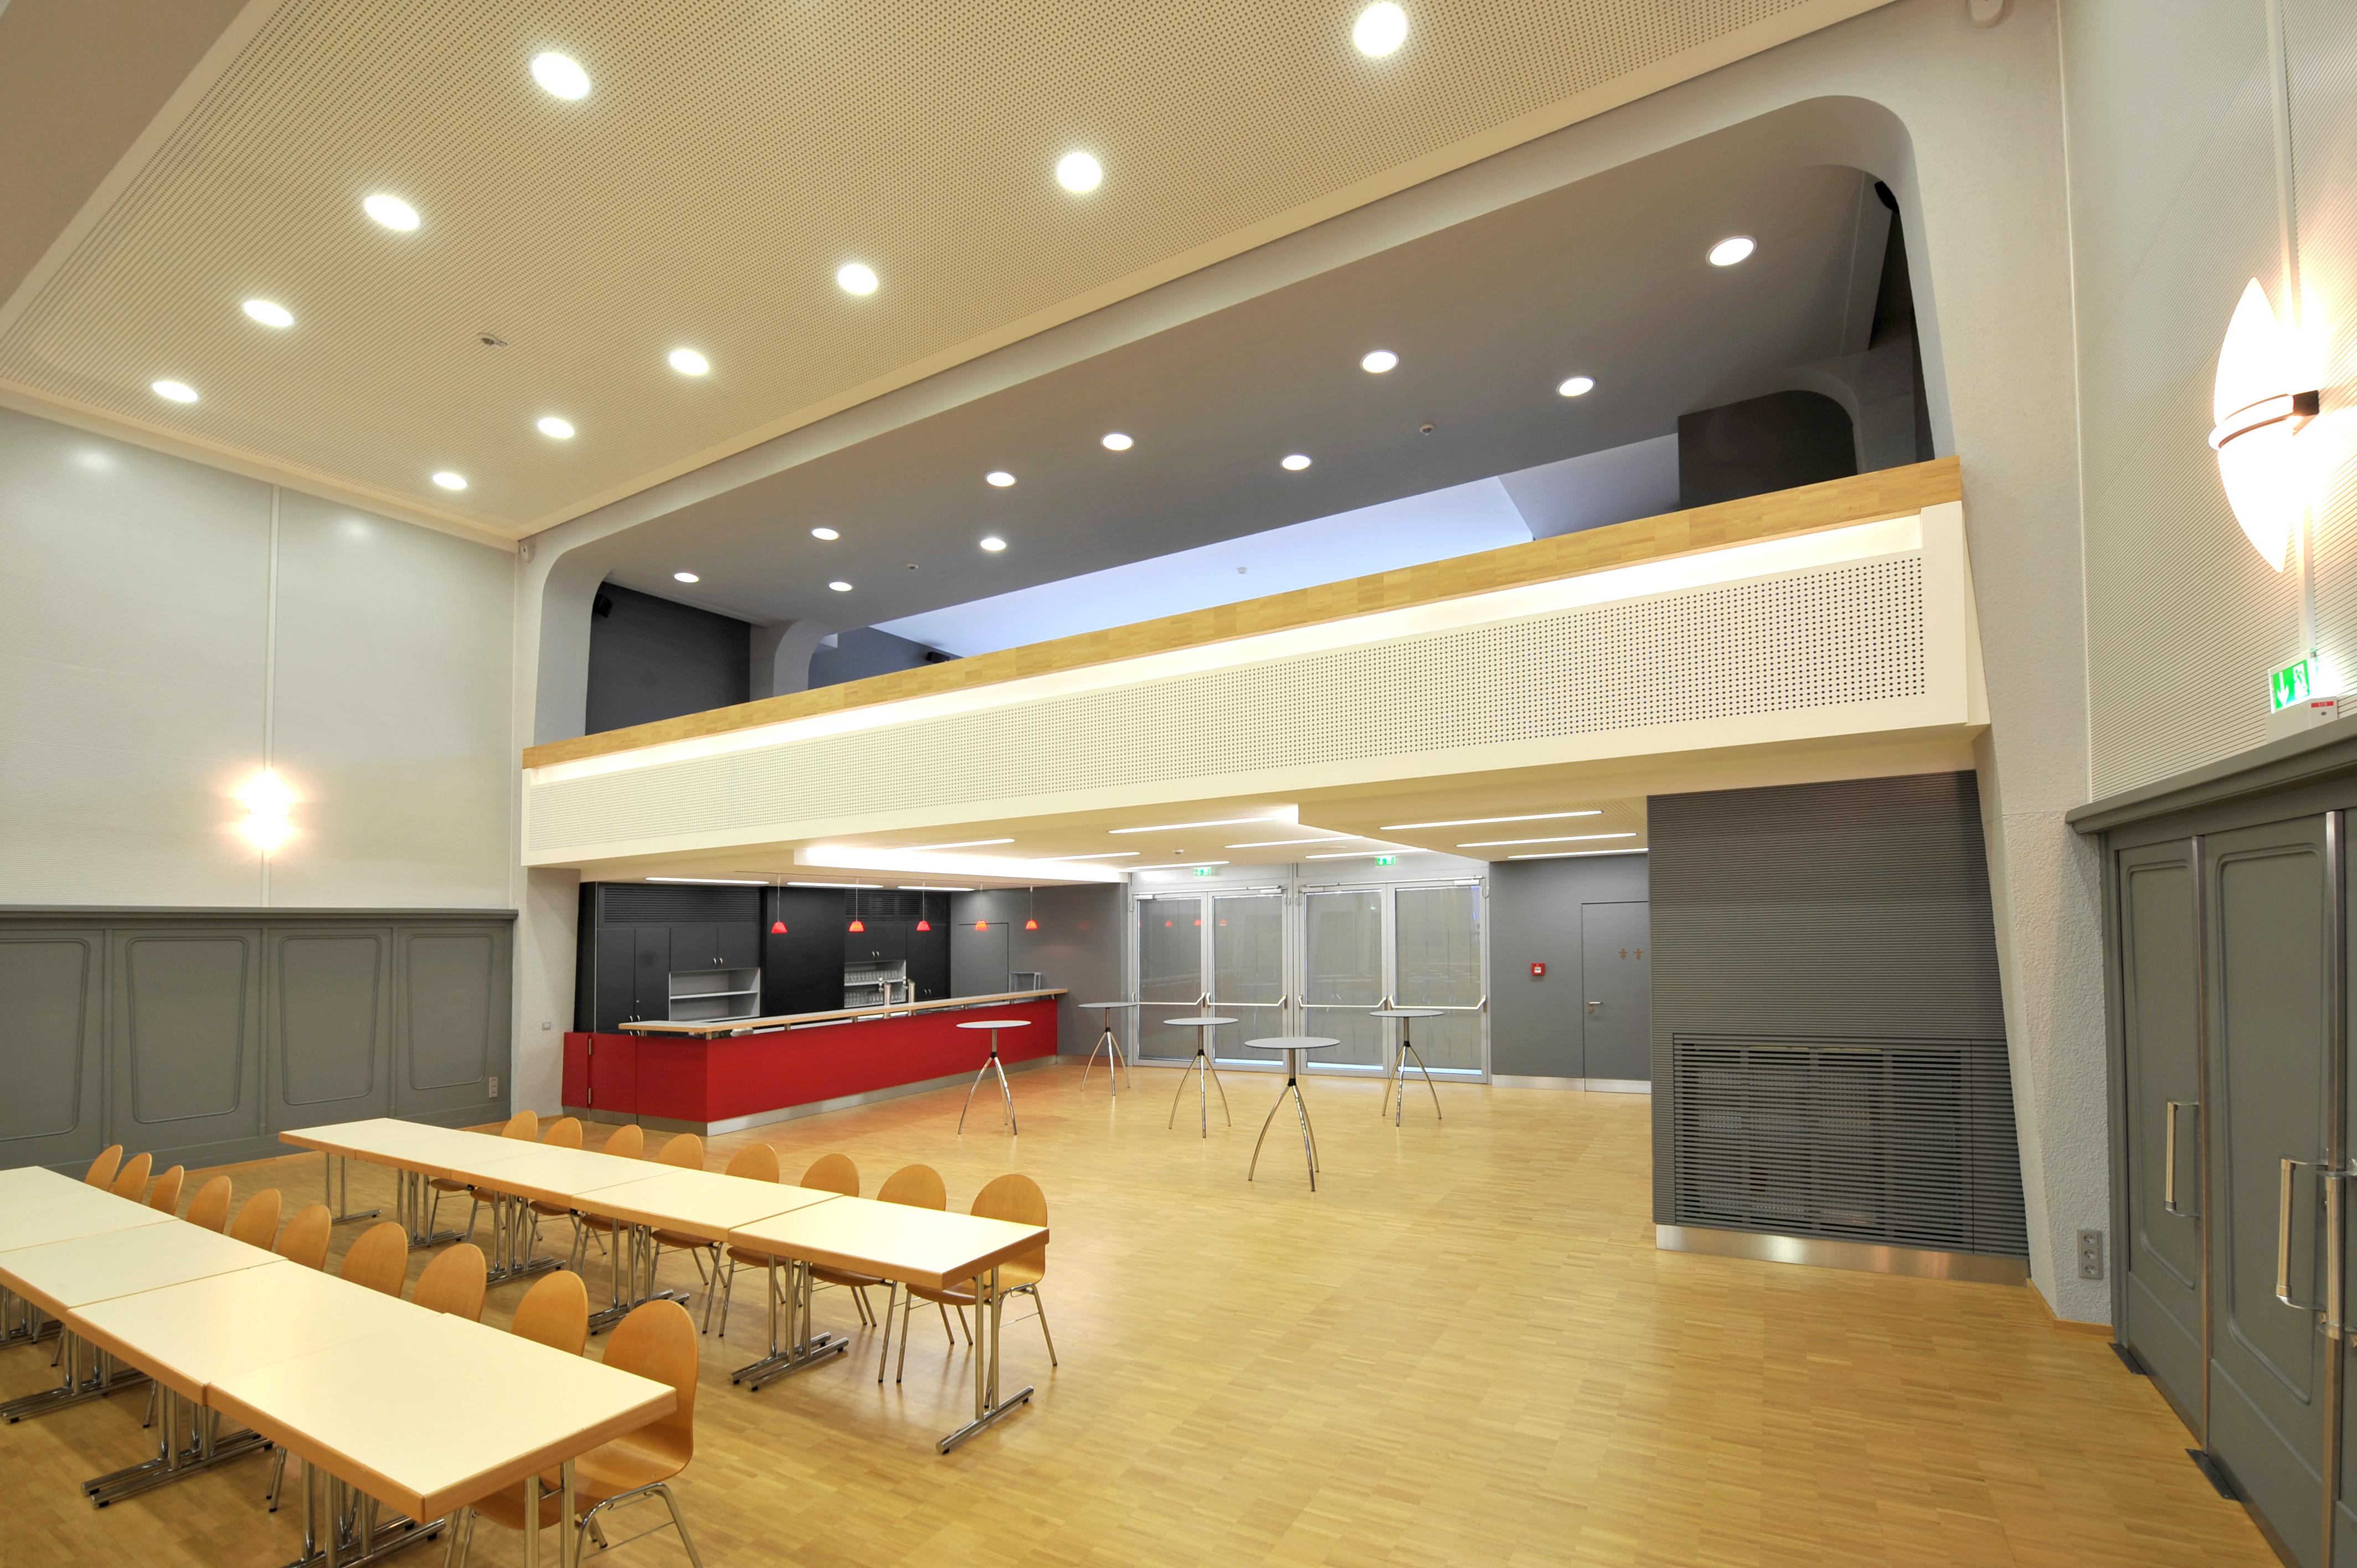 06-Transformation et rénovation du casino de Bonnevoie a Luxembourg